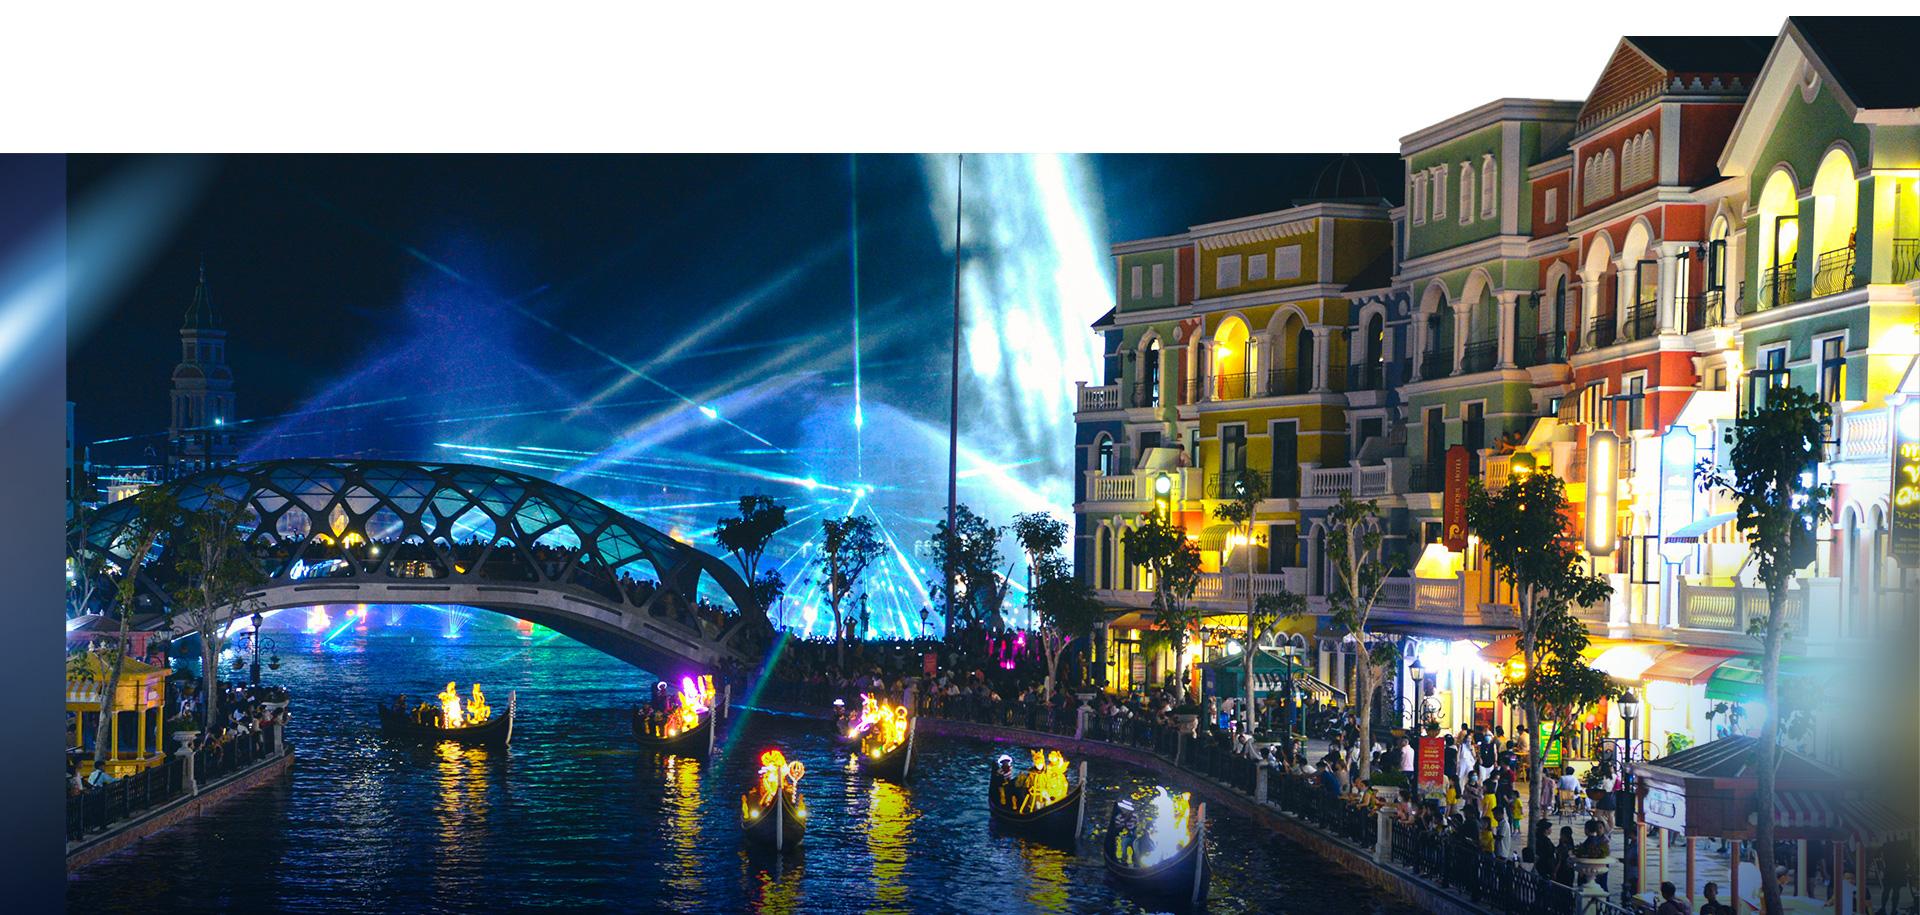 Những show diễn triệu USD mang du khách đến với Phú Quốc - Ảnh 6.